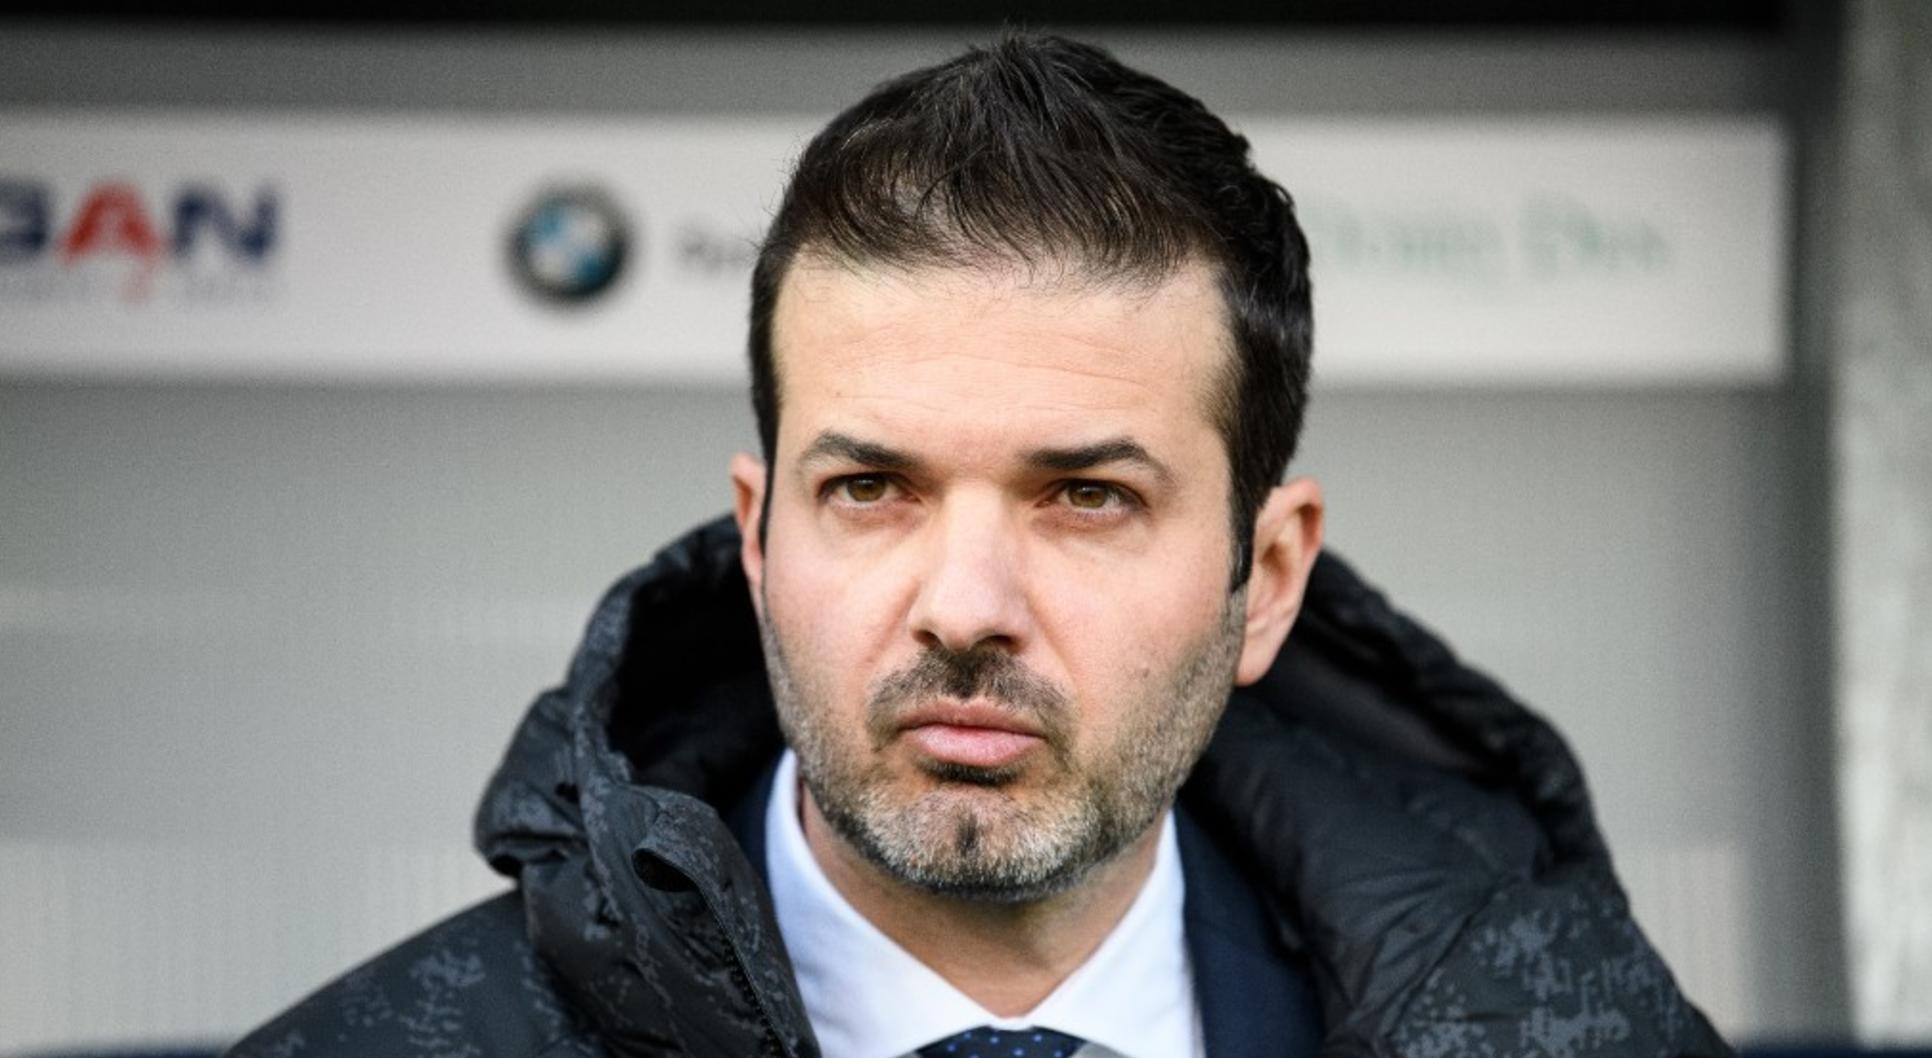 Bývalý kouč Sparty Stramaccioni by mohl trénovat Baráka s Janktem v Udinese, píší v Itálii